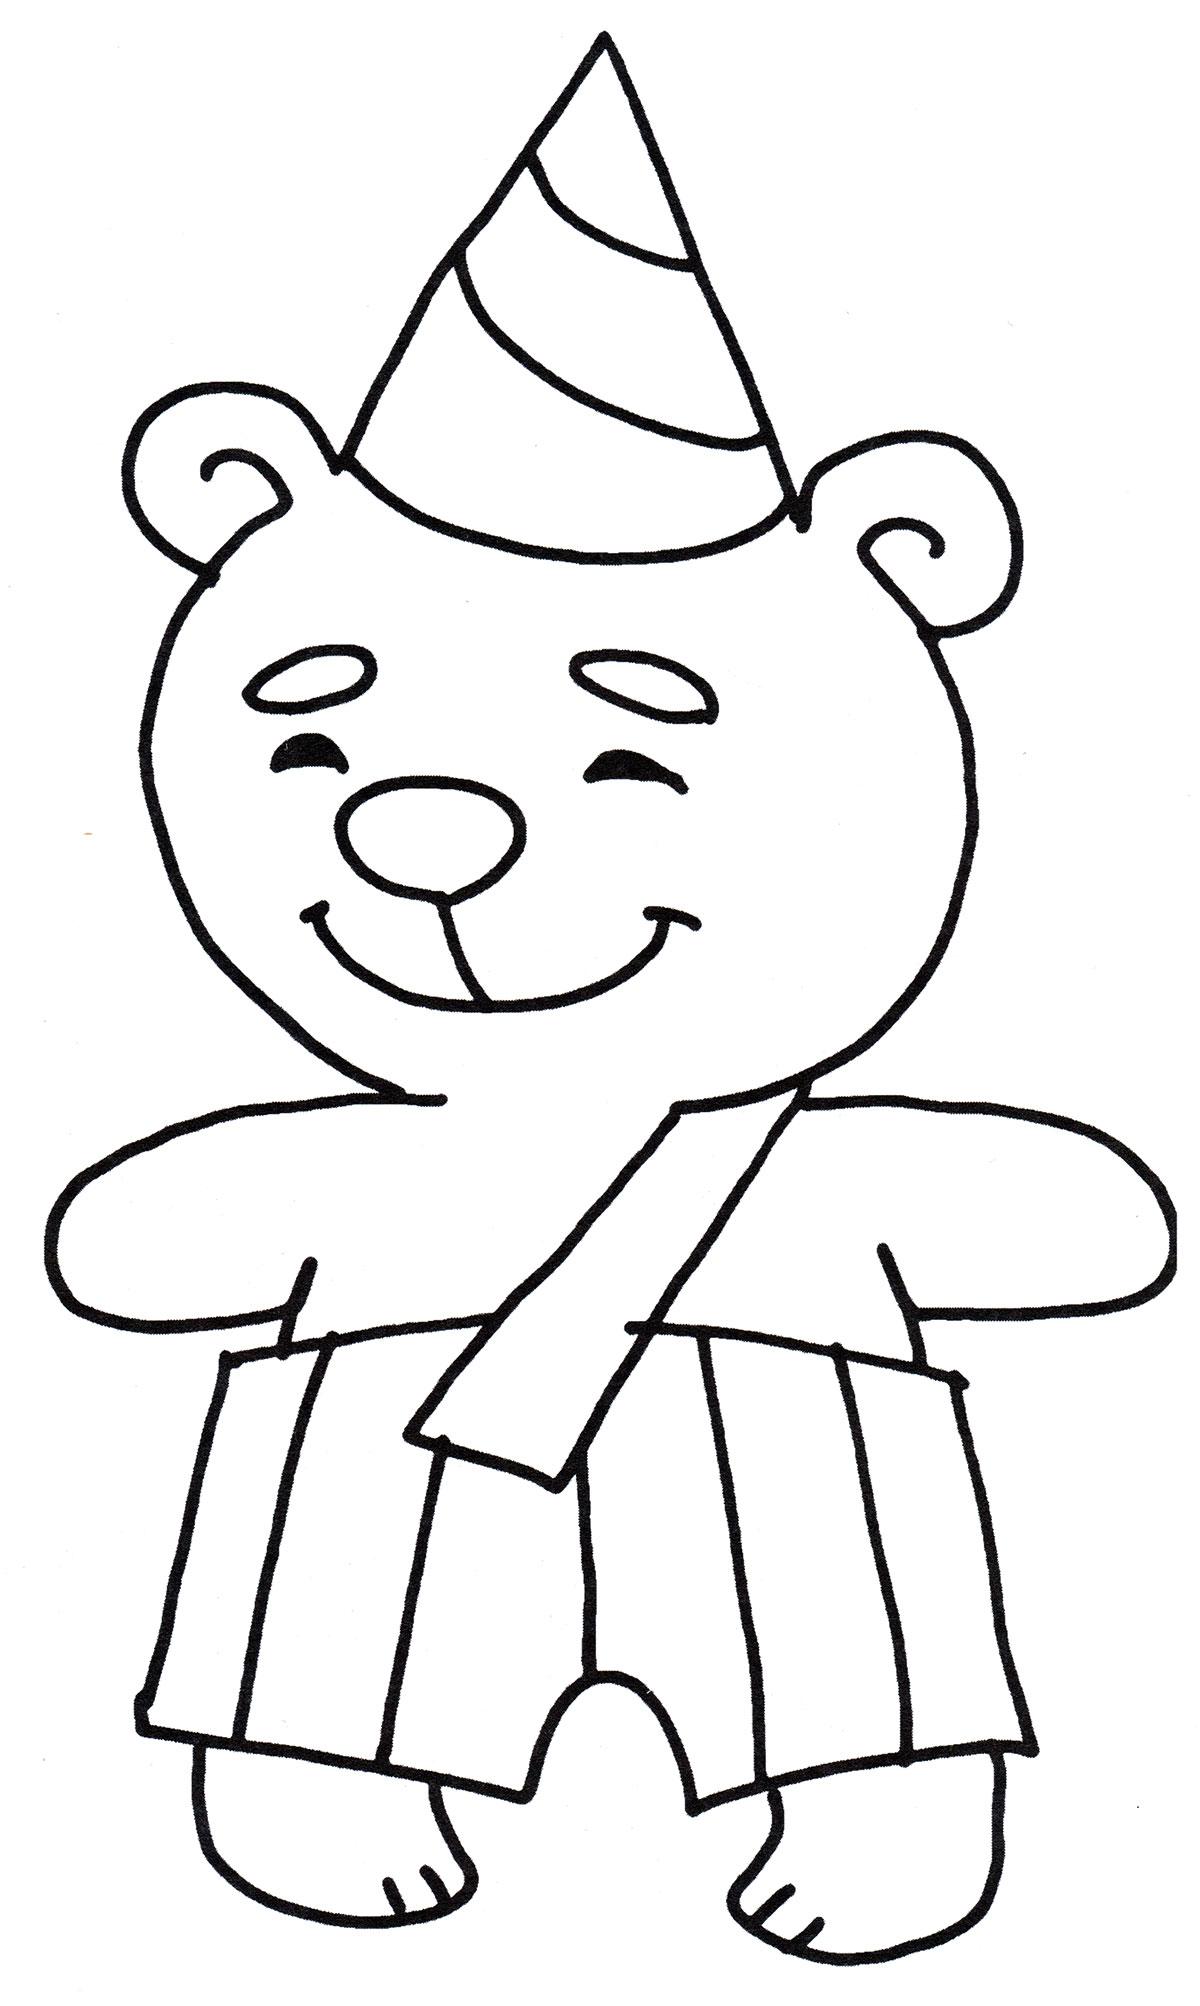 Раскраска Милый медвежонок - распечатать бесплатно